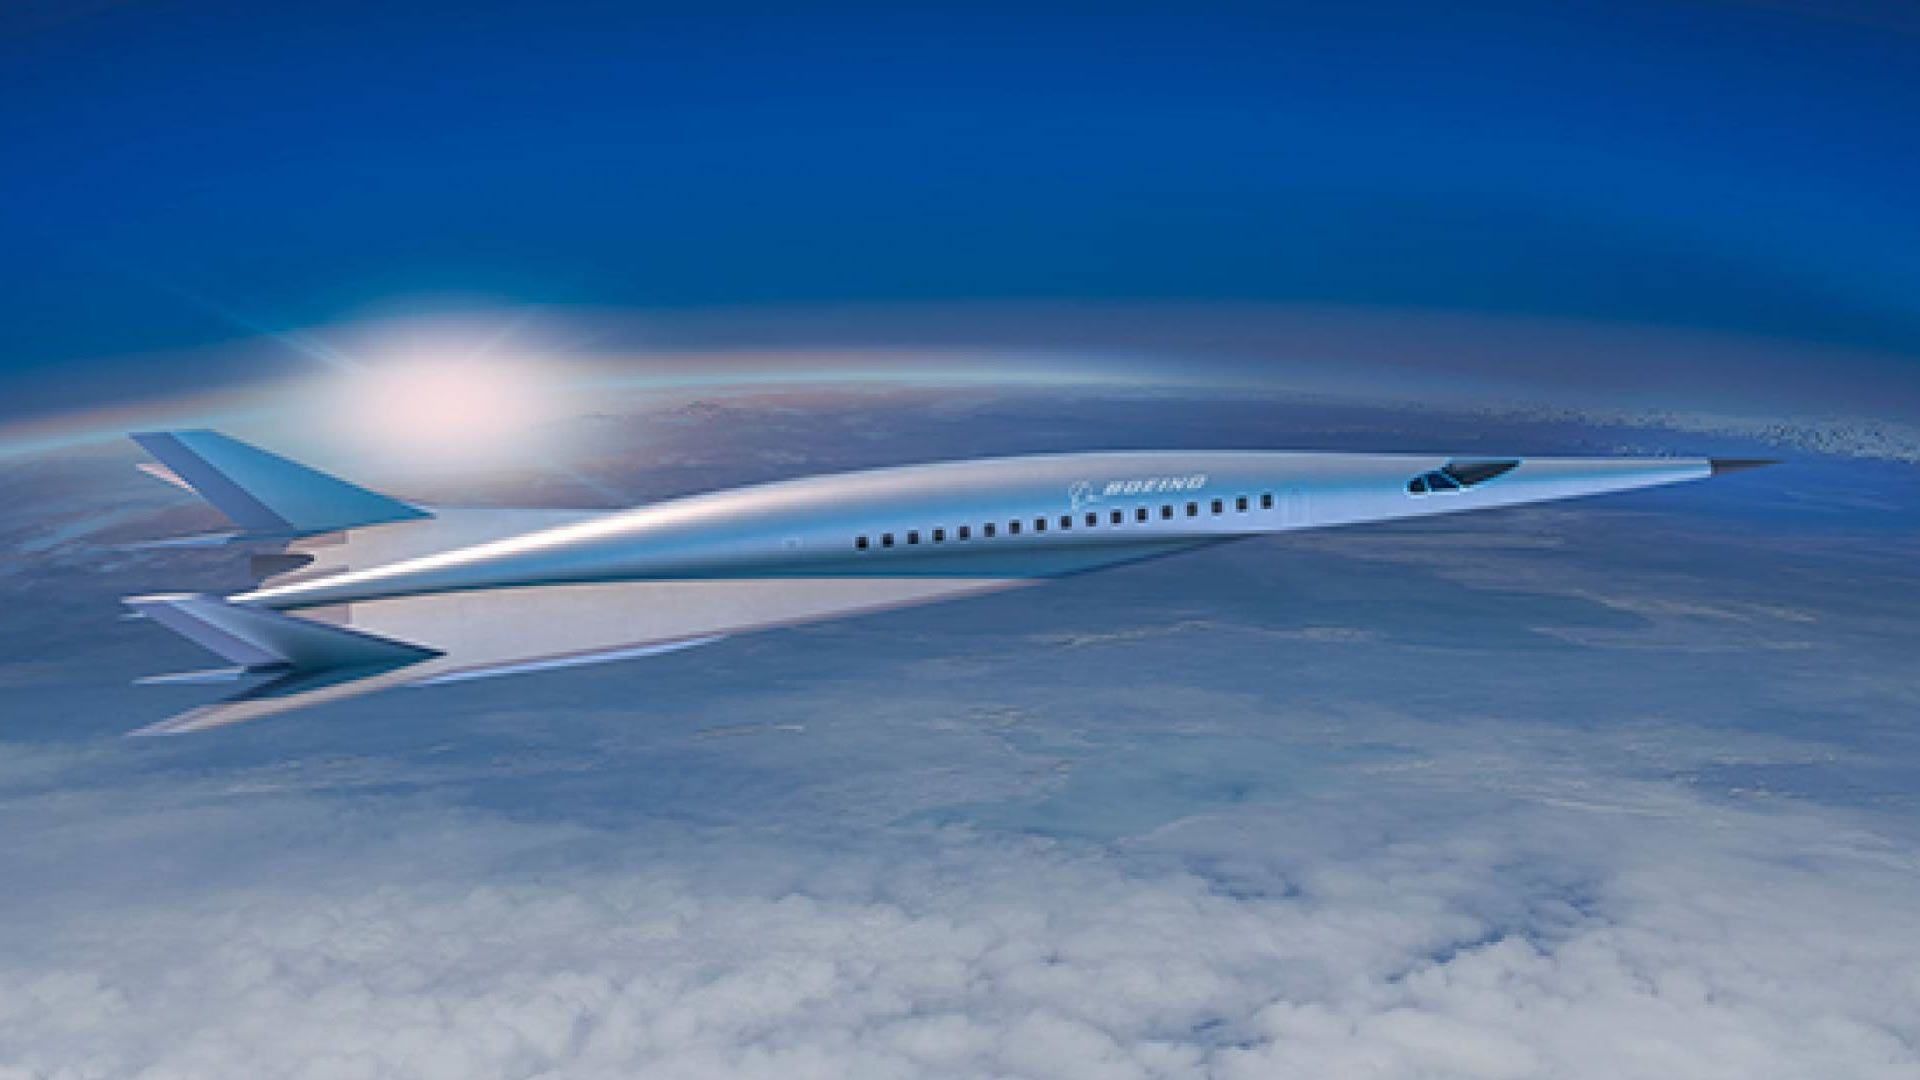 Boeing muestra como será su avión hipersónico